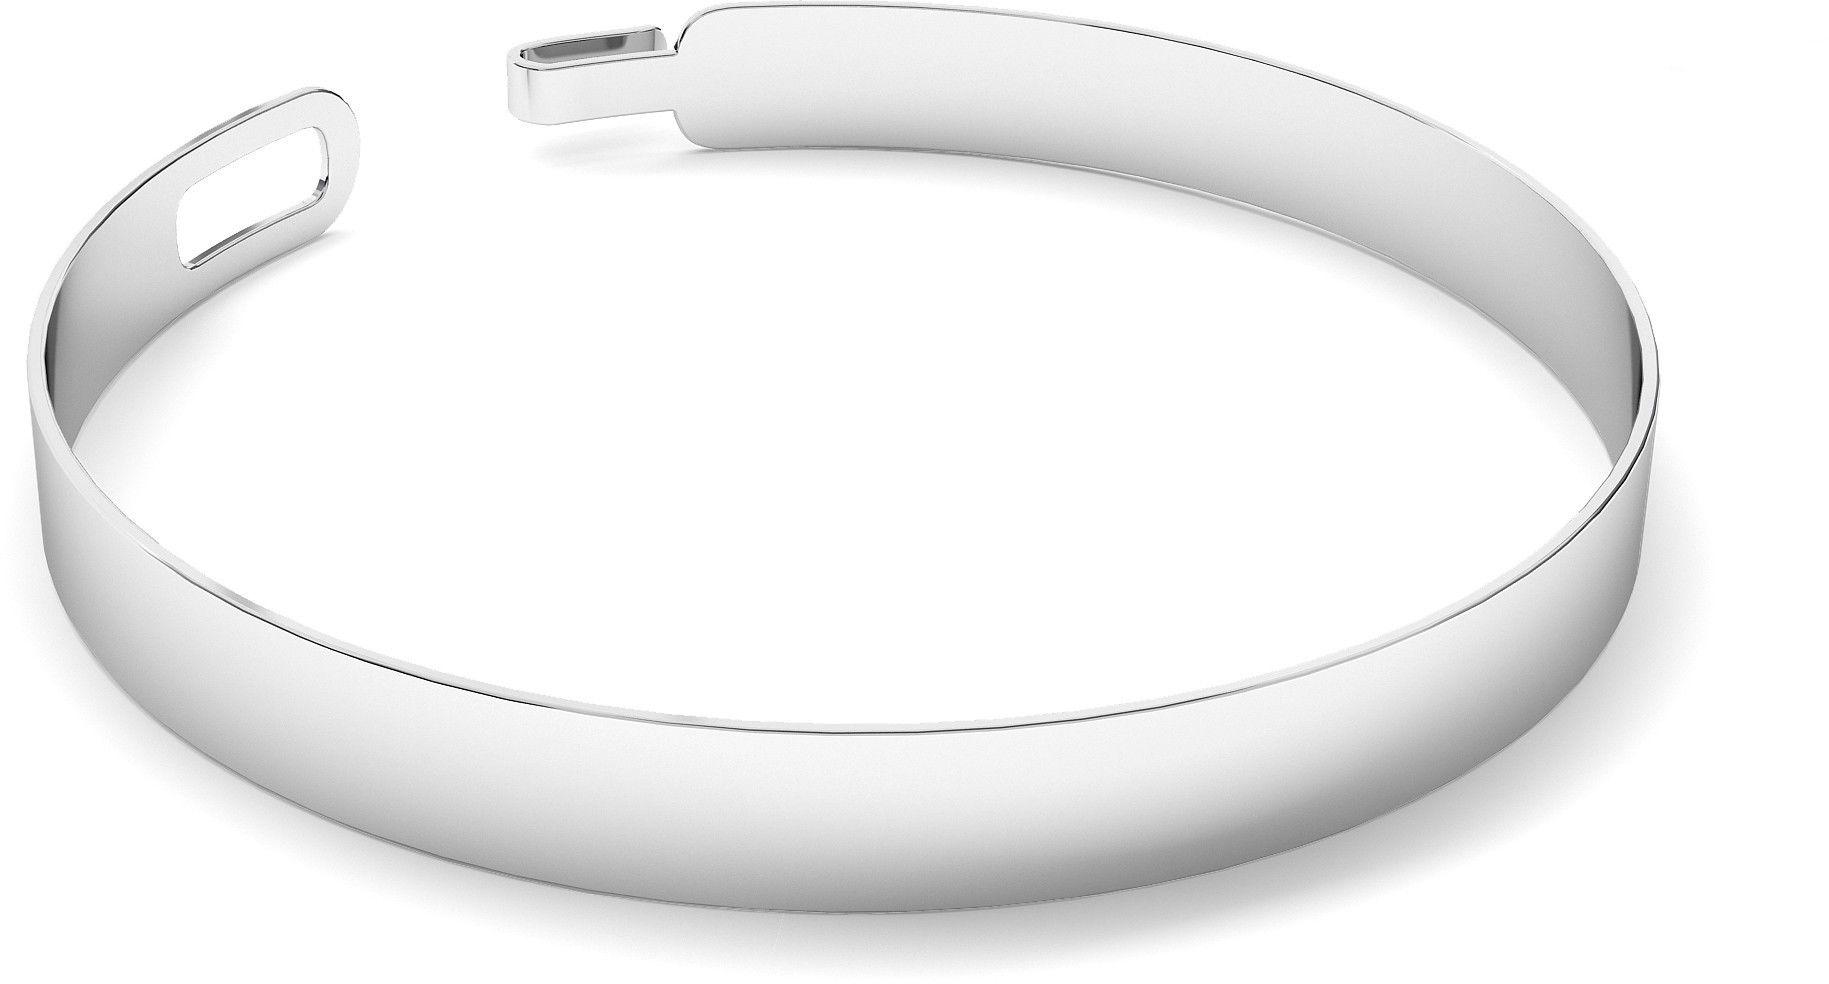 Męska szeroka polerowana sztywna bransoletka, srebro 925 : Kolor pokrycia srebra - Pokrycie platyną, Sztywne bransoletki - męski rozmiar - XL - 22 CM